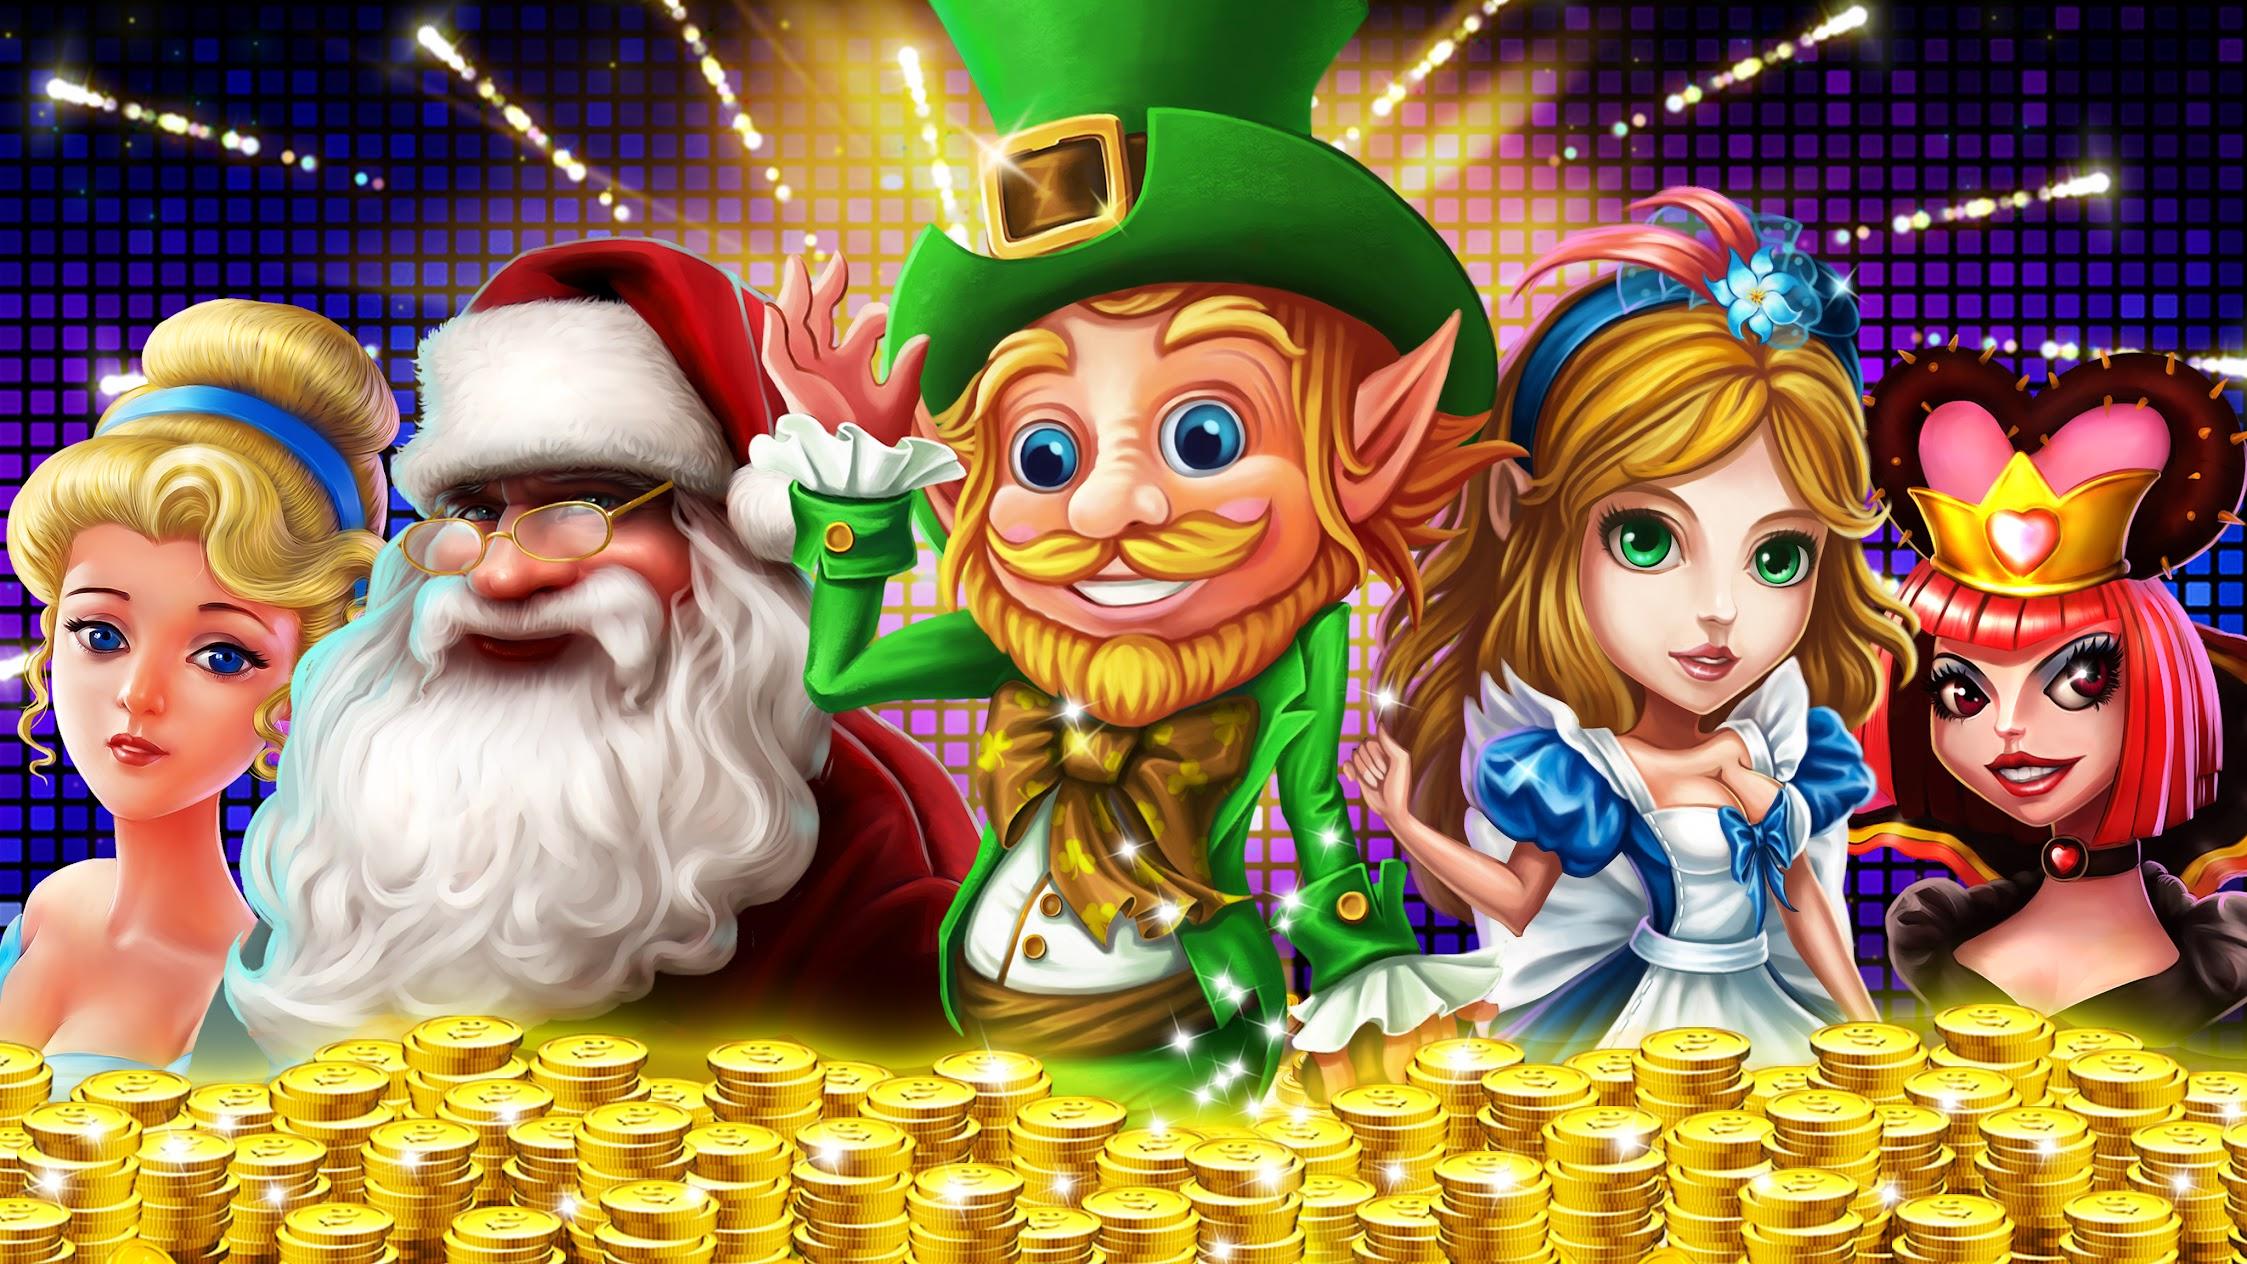 Win Real Money Playing Slots At Karamba